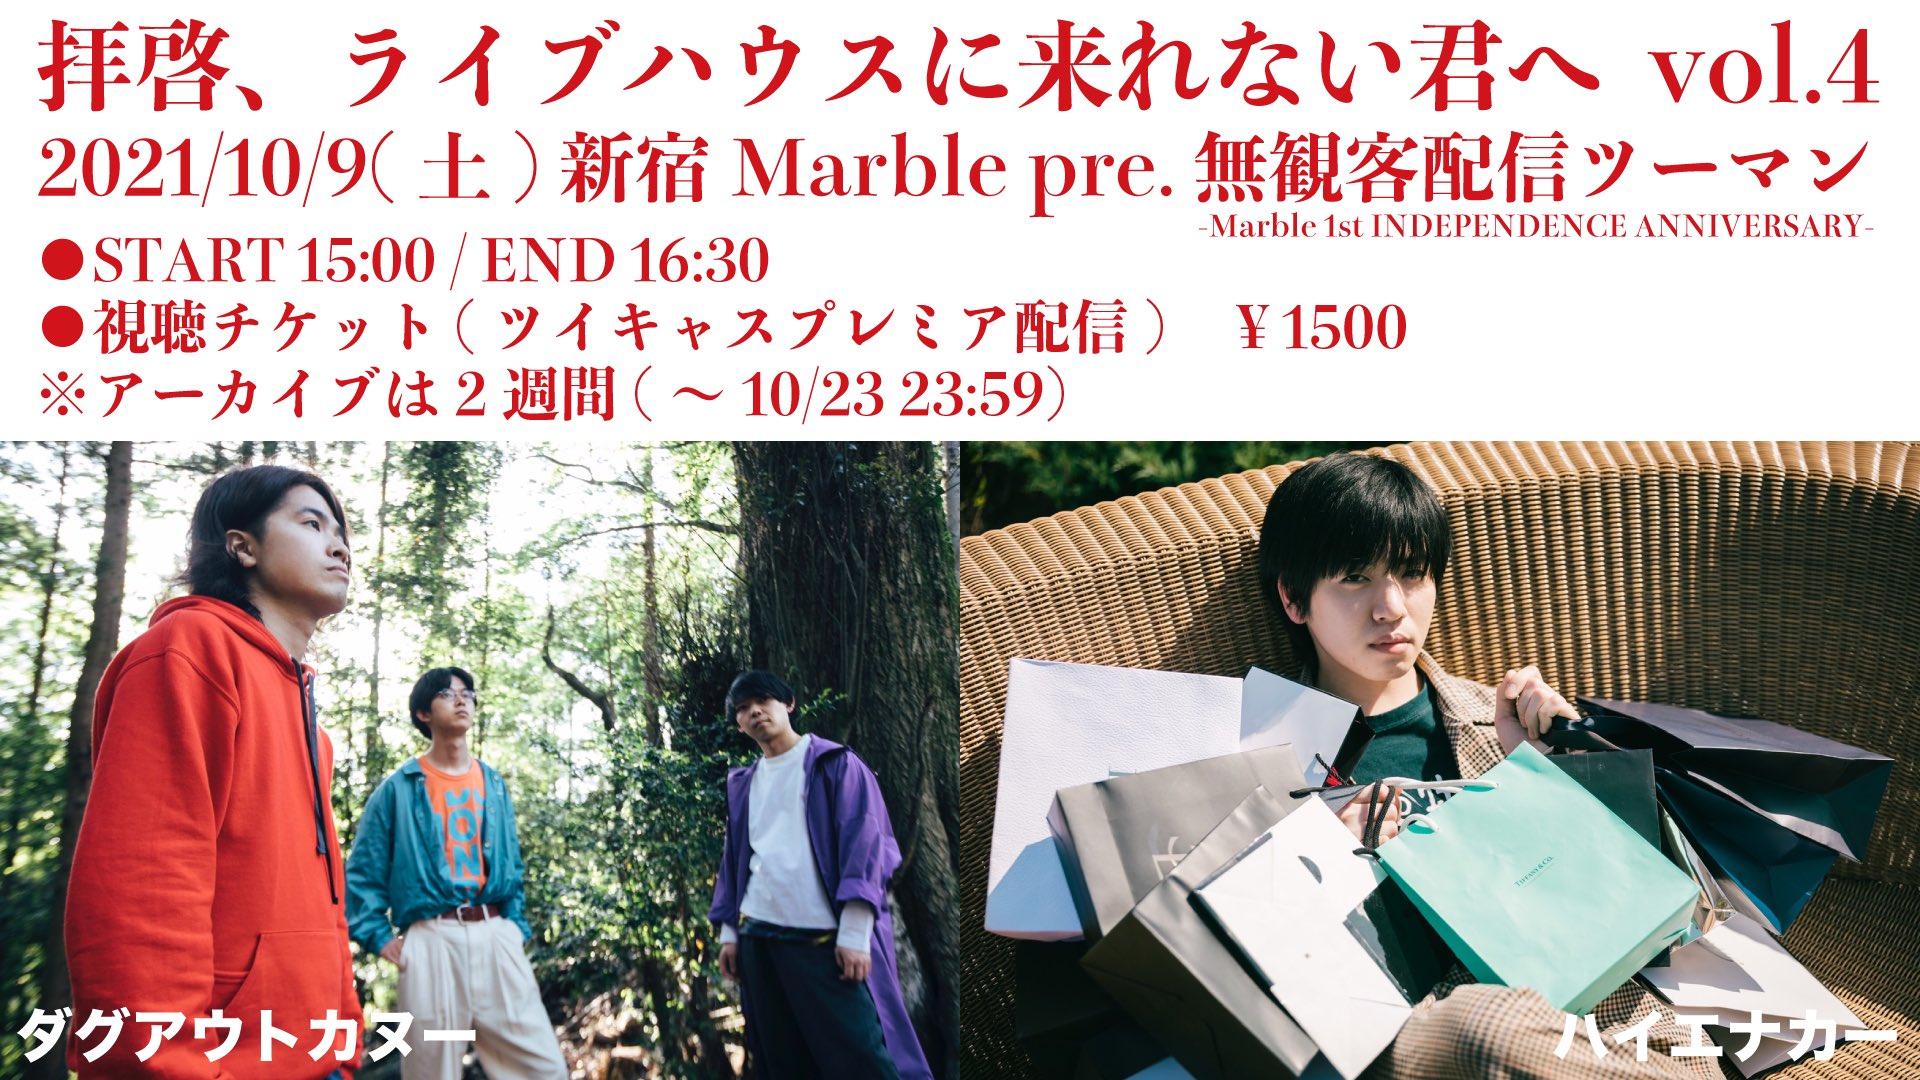 新宿Marble pre. 無観客配信ツーマン 「拝啓、ライブハウスに来れない君へ vol.4」